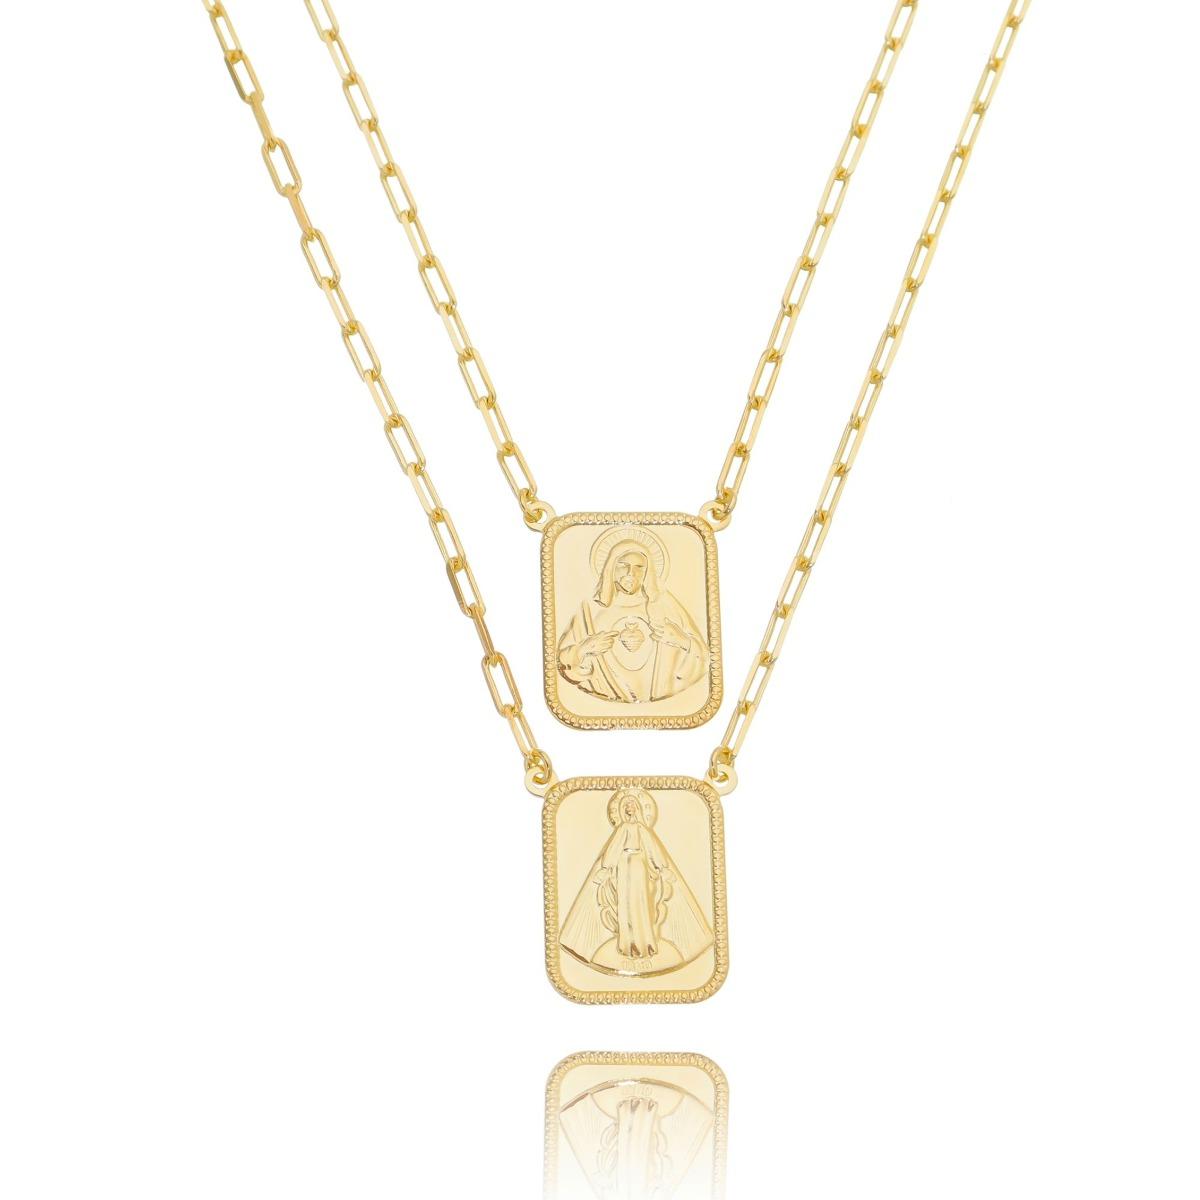 edad34a231e maxi escapulário corrente cartier elos dourado semijoia ouro. Carregando  zoom.